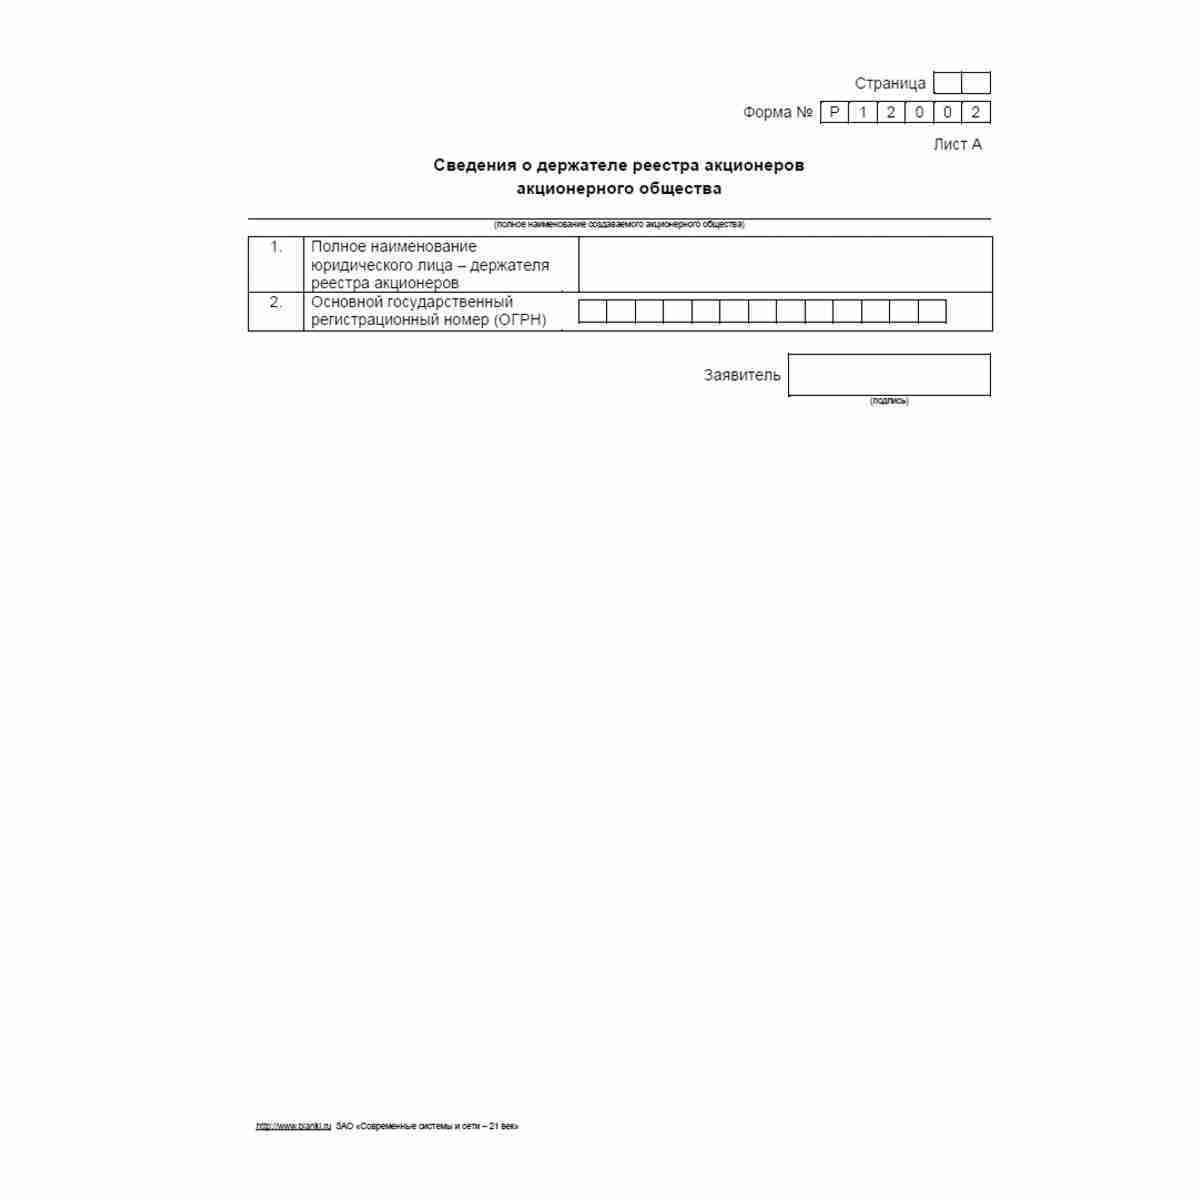 """Форма №Р12002 """"Заявление о государственной регистрации акционерного общества, создаваемого путем реорганизации в форме разделения или выделения, с одновременным внесением записи о прекращении его деятельности в связи с присоединением к другому акционерном"""